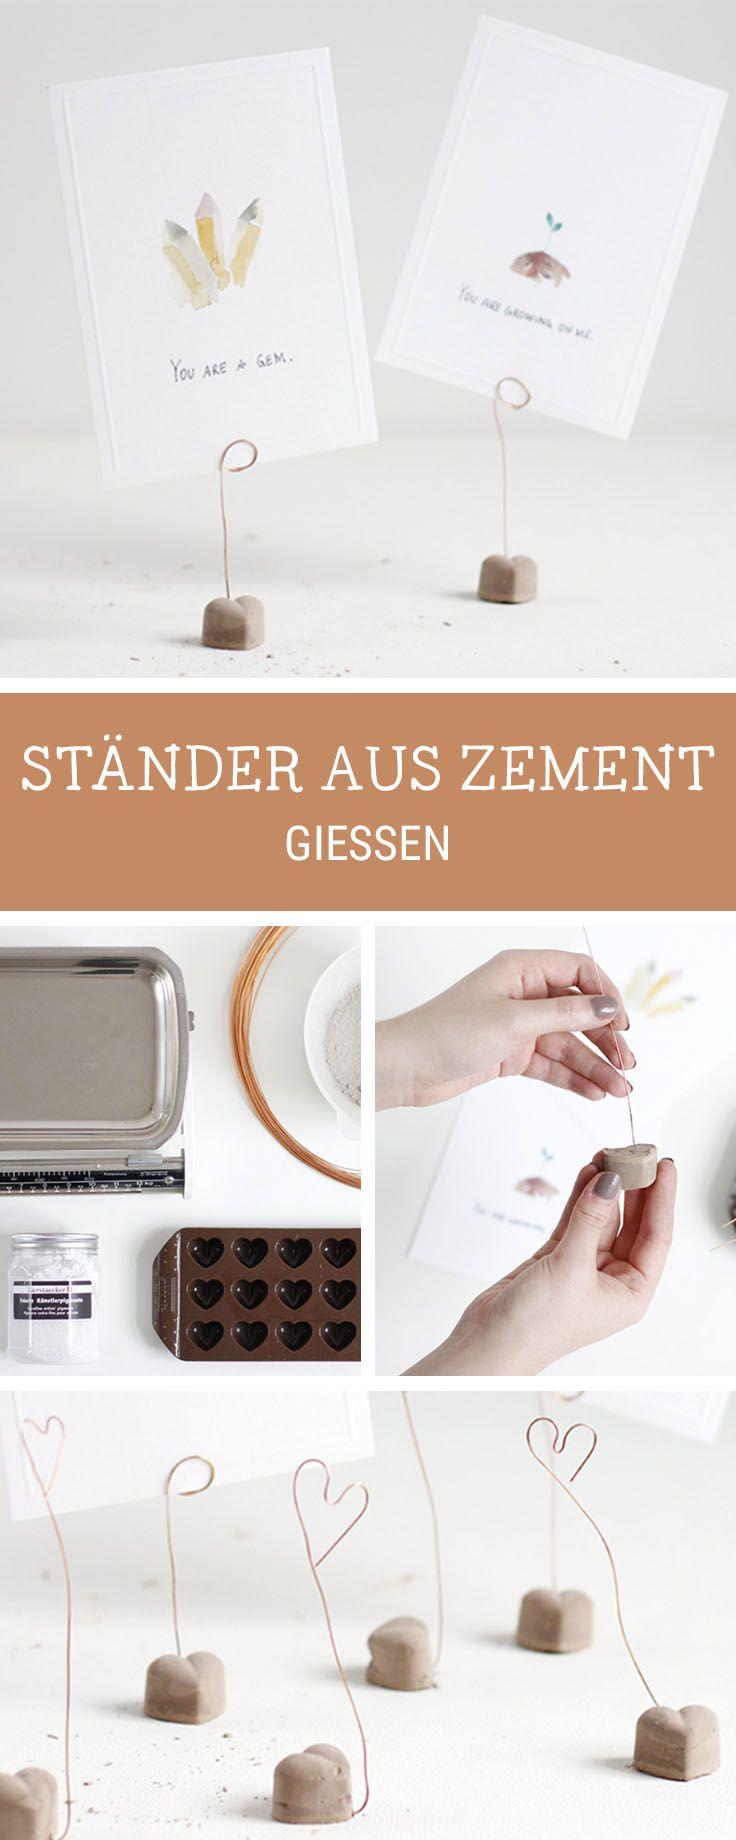 Geschenke selbermachen: Süße Halterungen für Fotos aus Beton selbermachen / diy tutorial: how to craft photo clips with concrete via DaWanda.com